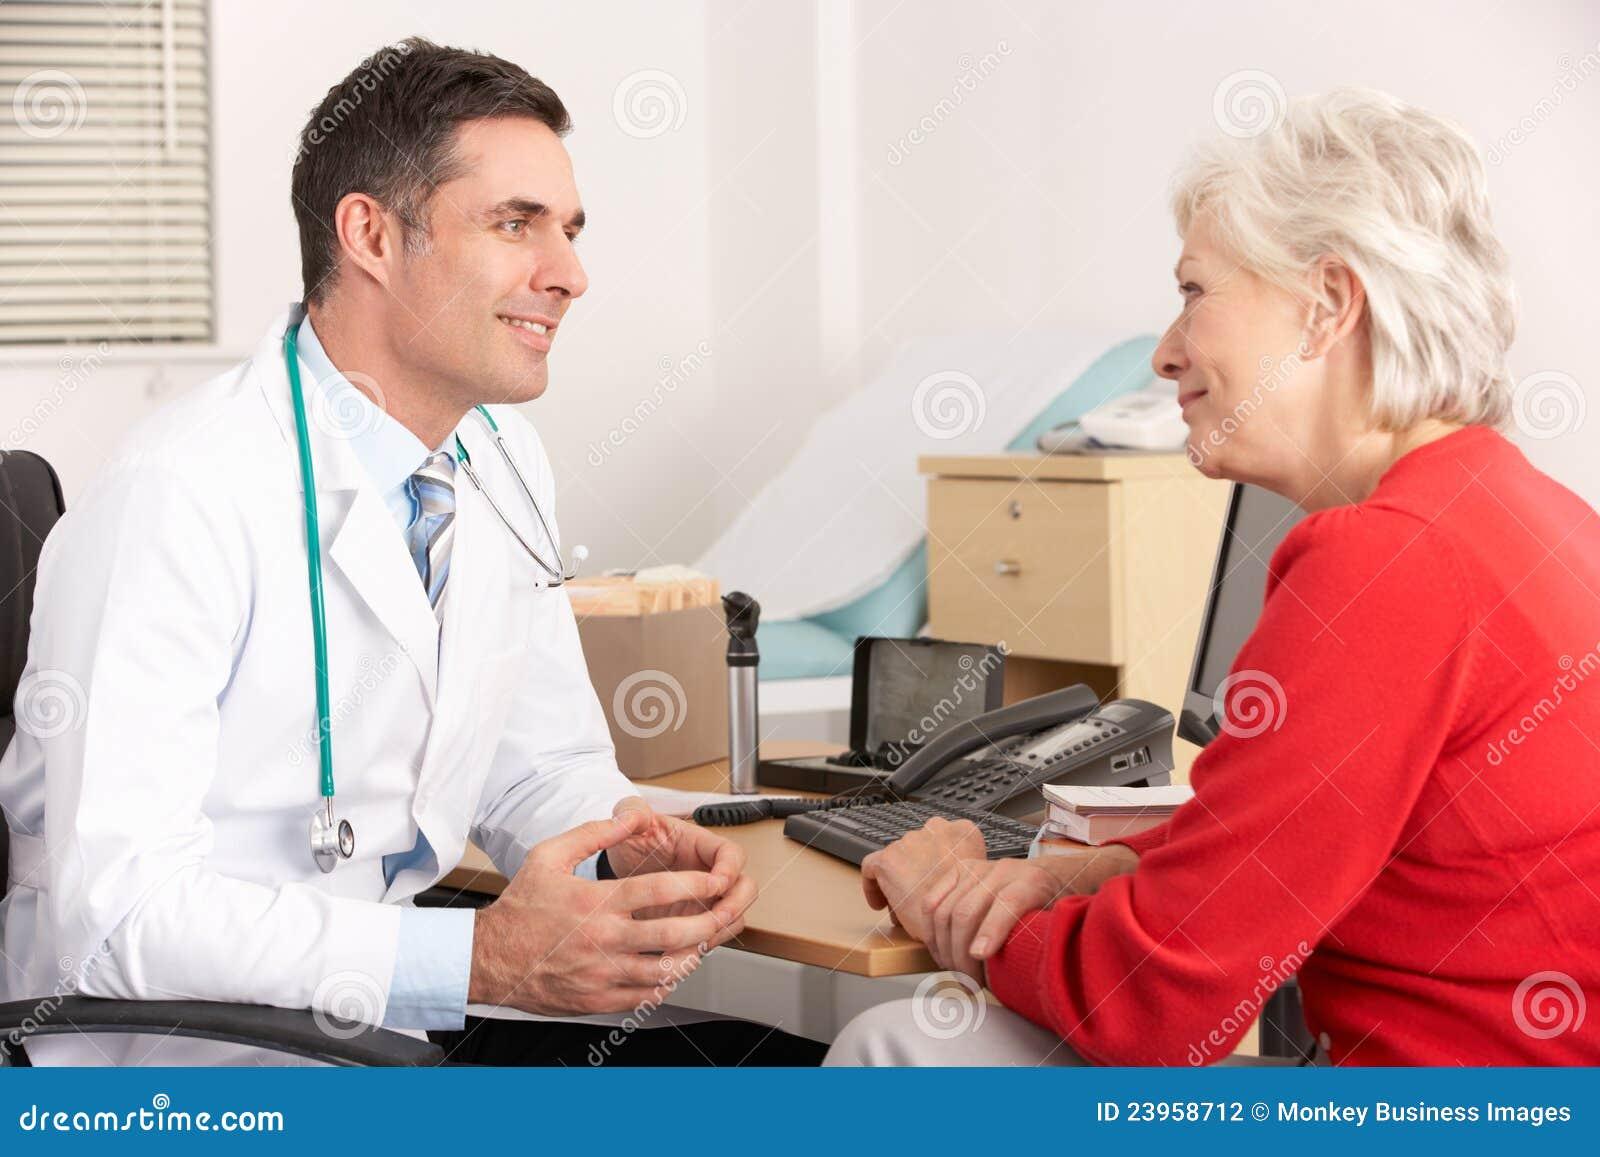 Смотреть онлайн пришла на прием к врачу 15 фотография